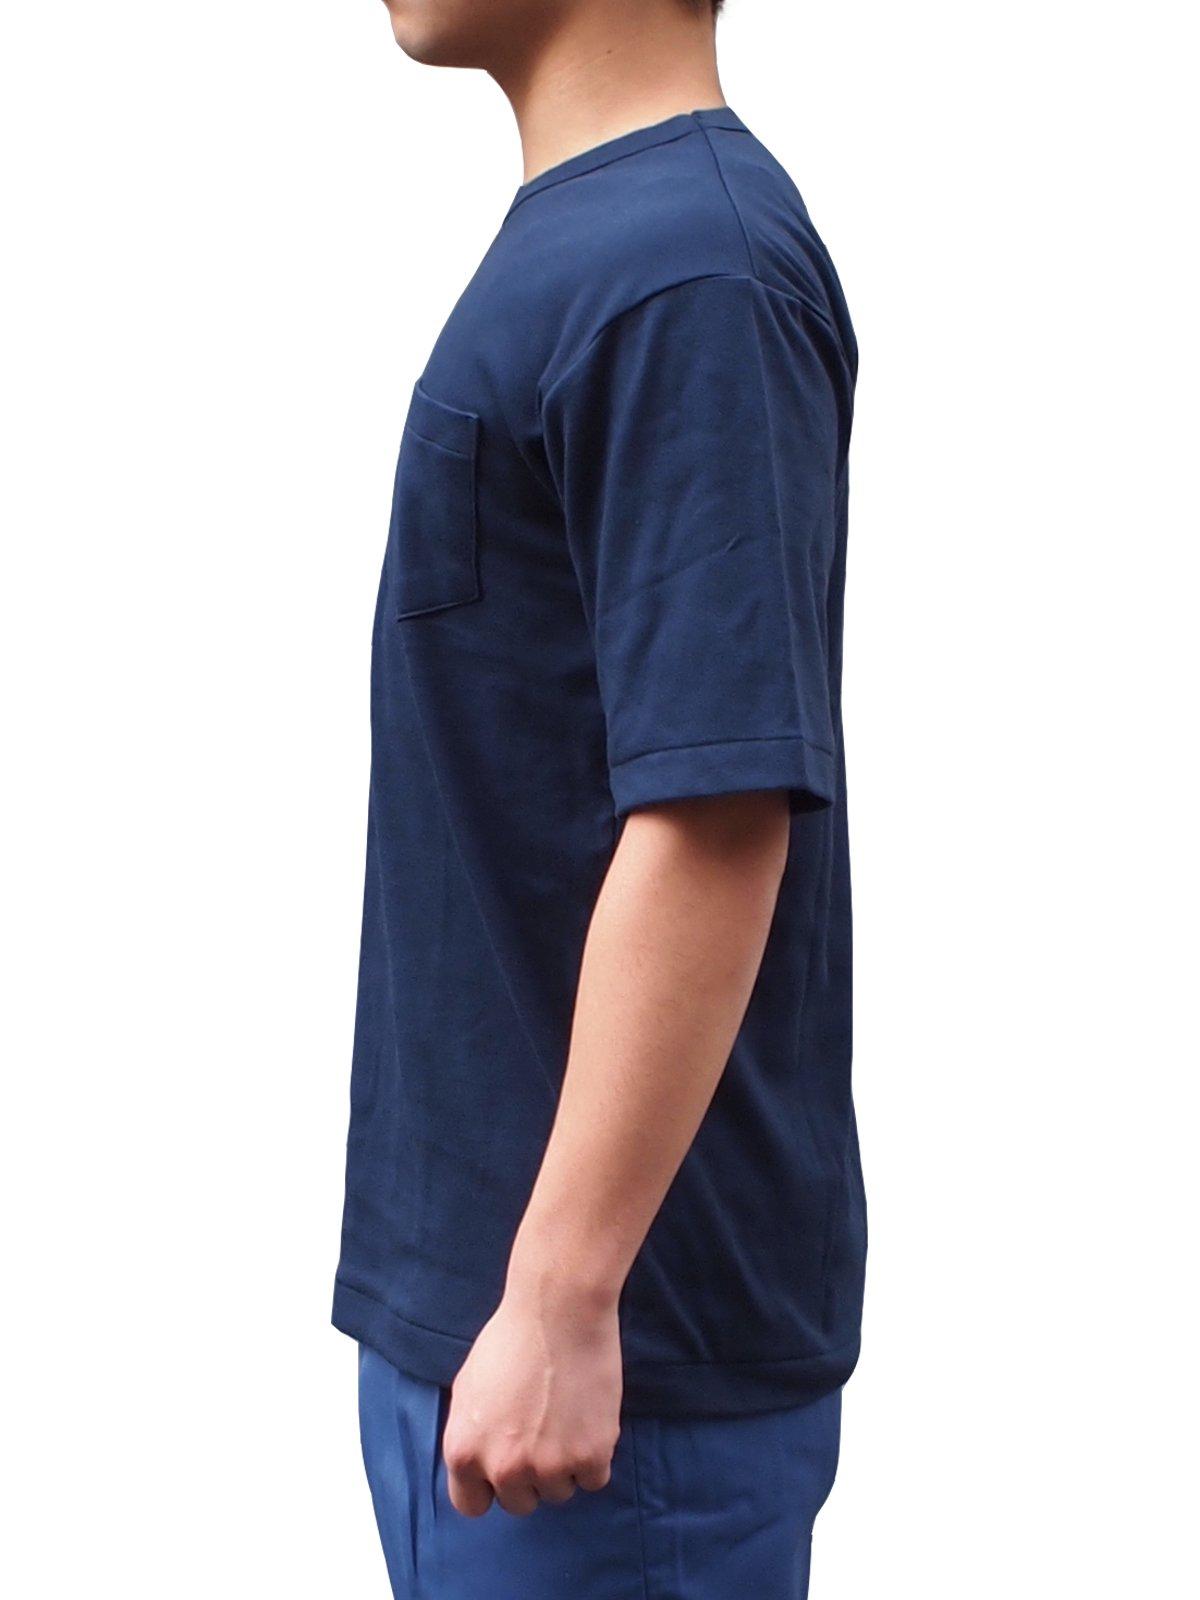 紺半袖パルパーTシャツ【画像3】